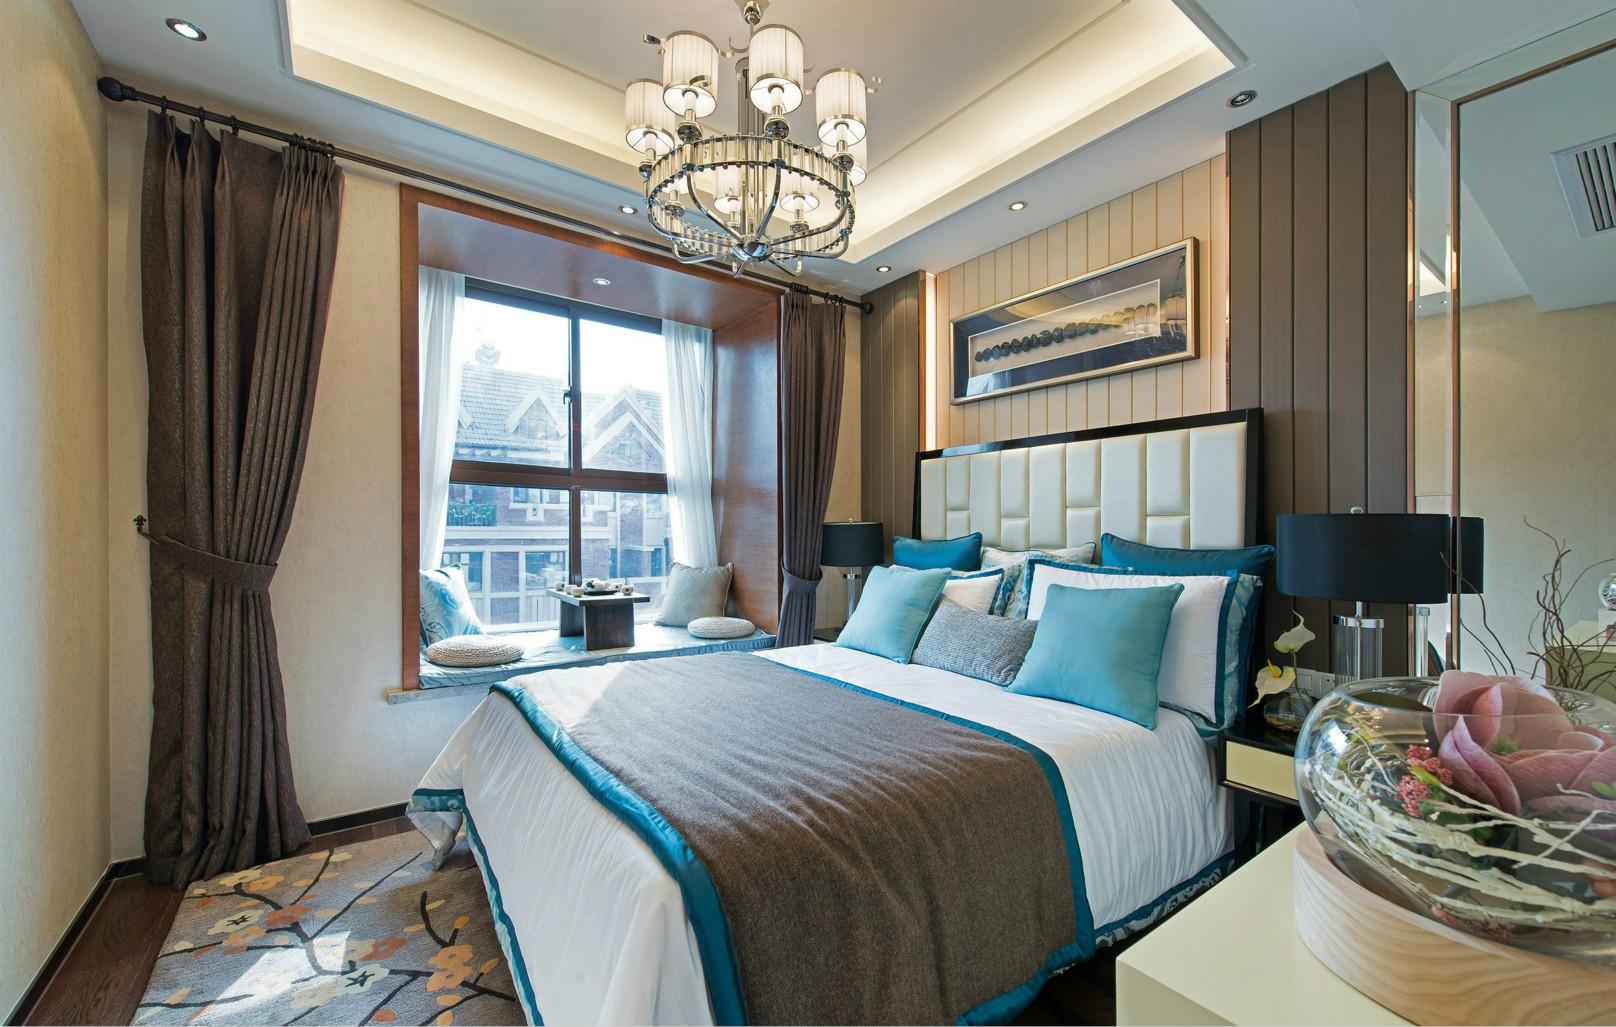 次卧向着阳光的卧室自带温暖属性,简洁又美好。